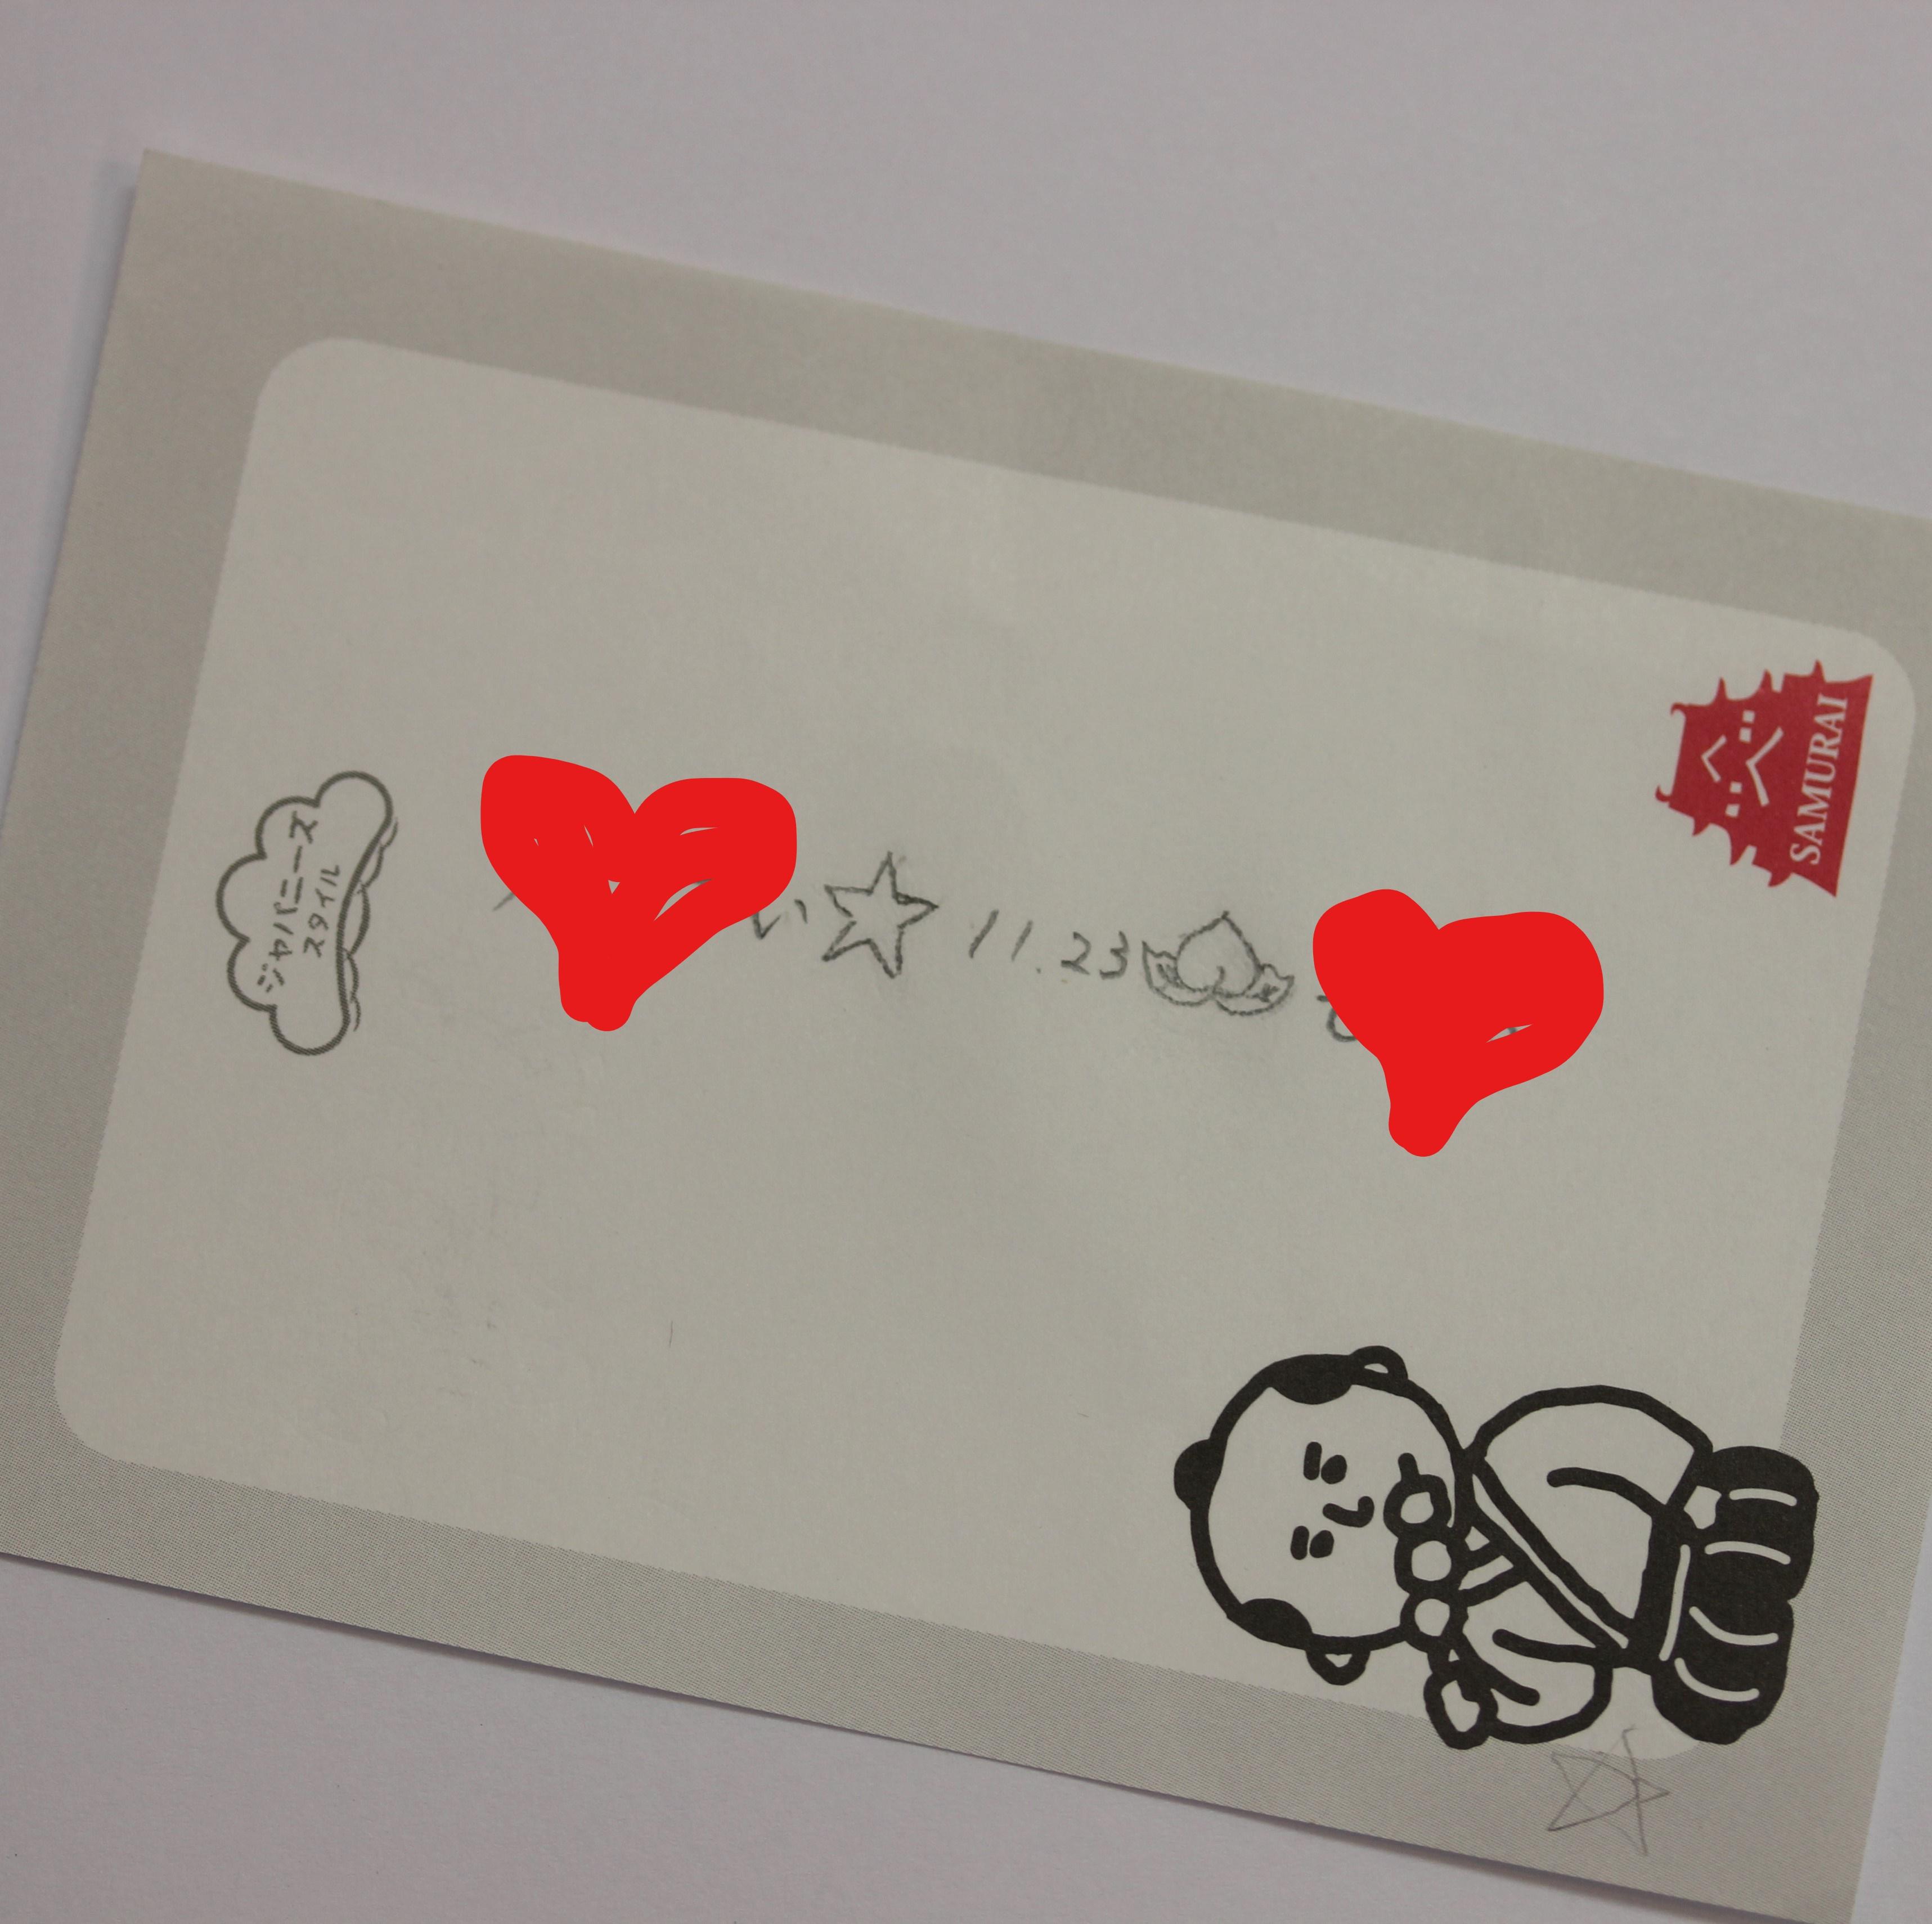 制作風景・・手書きの刻印と誕生石をいれます!